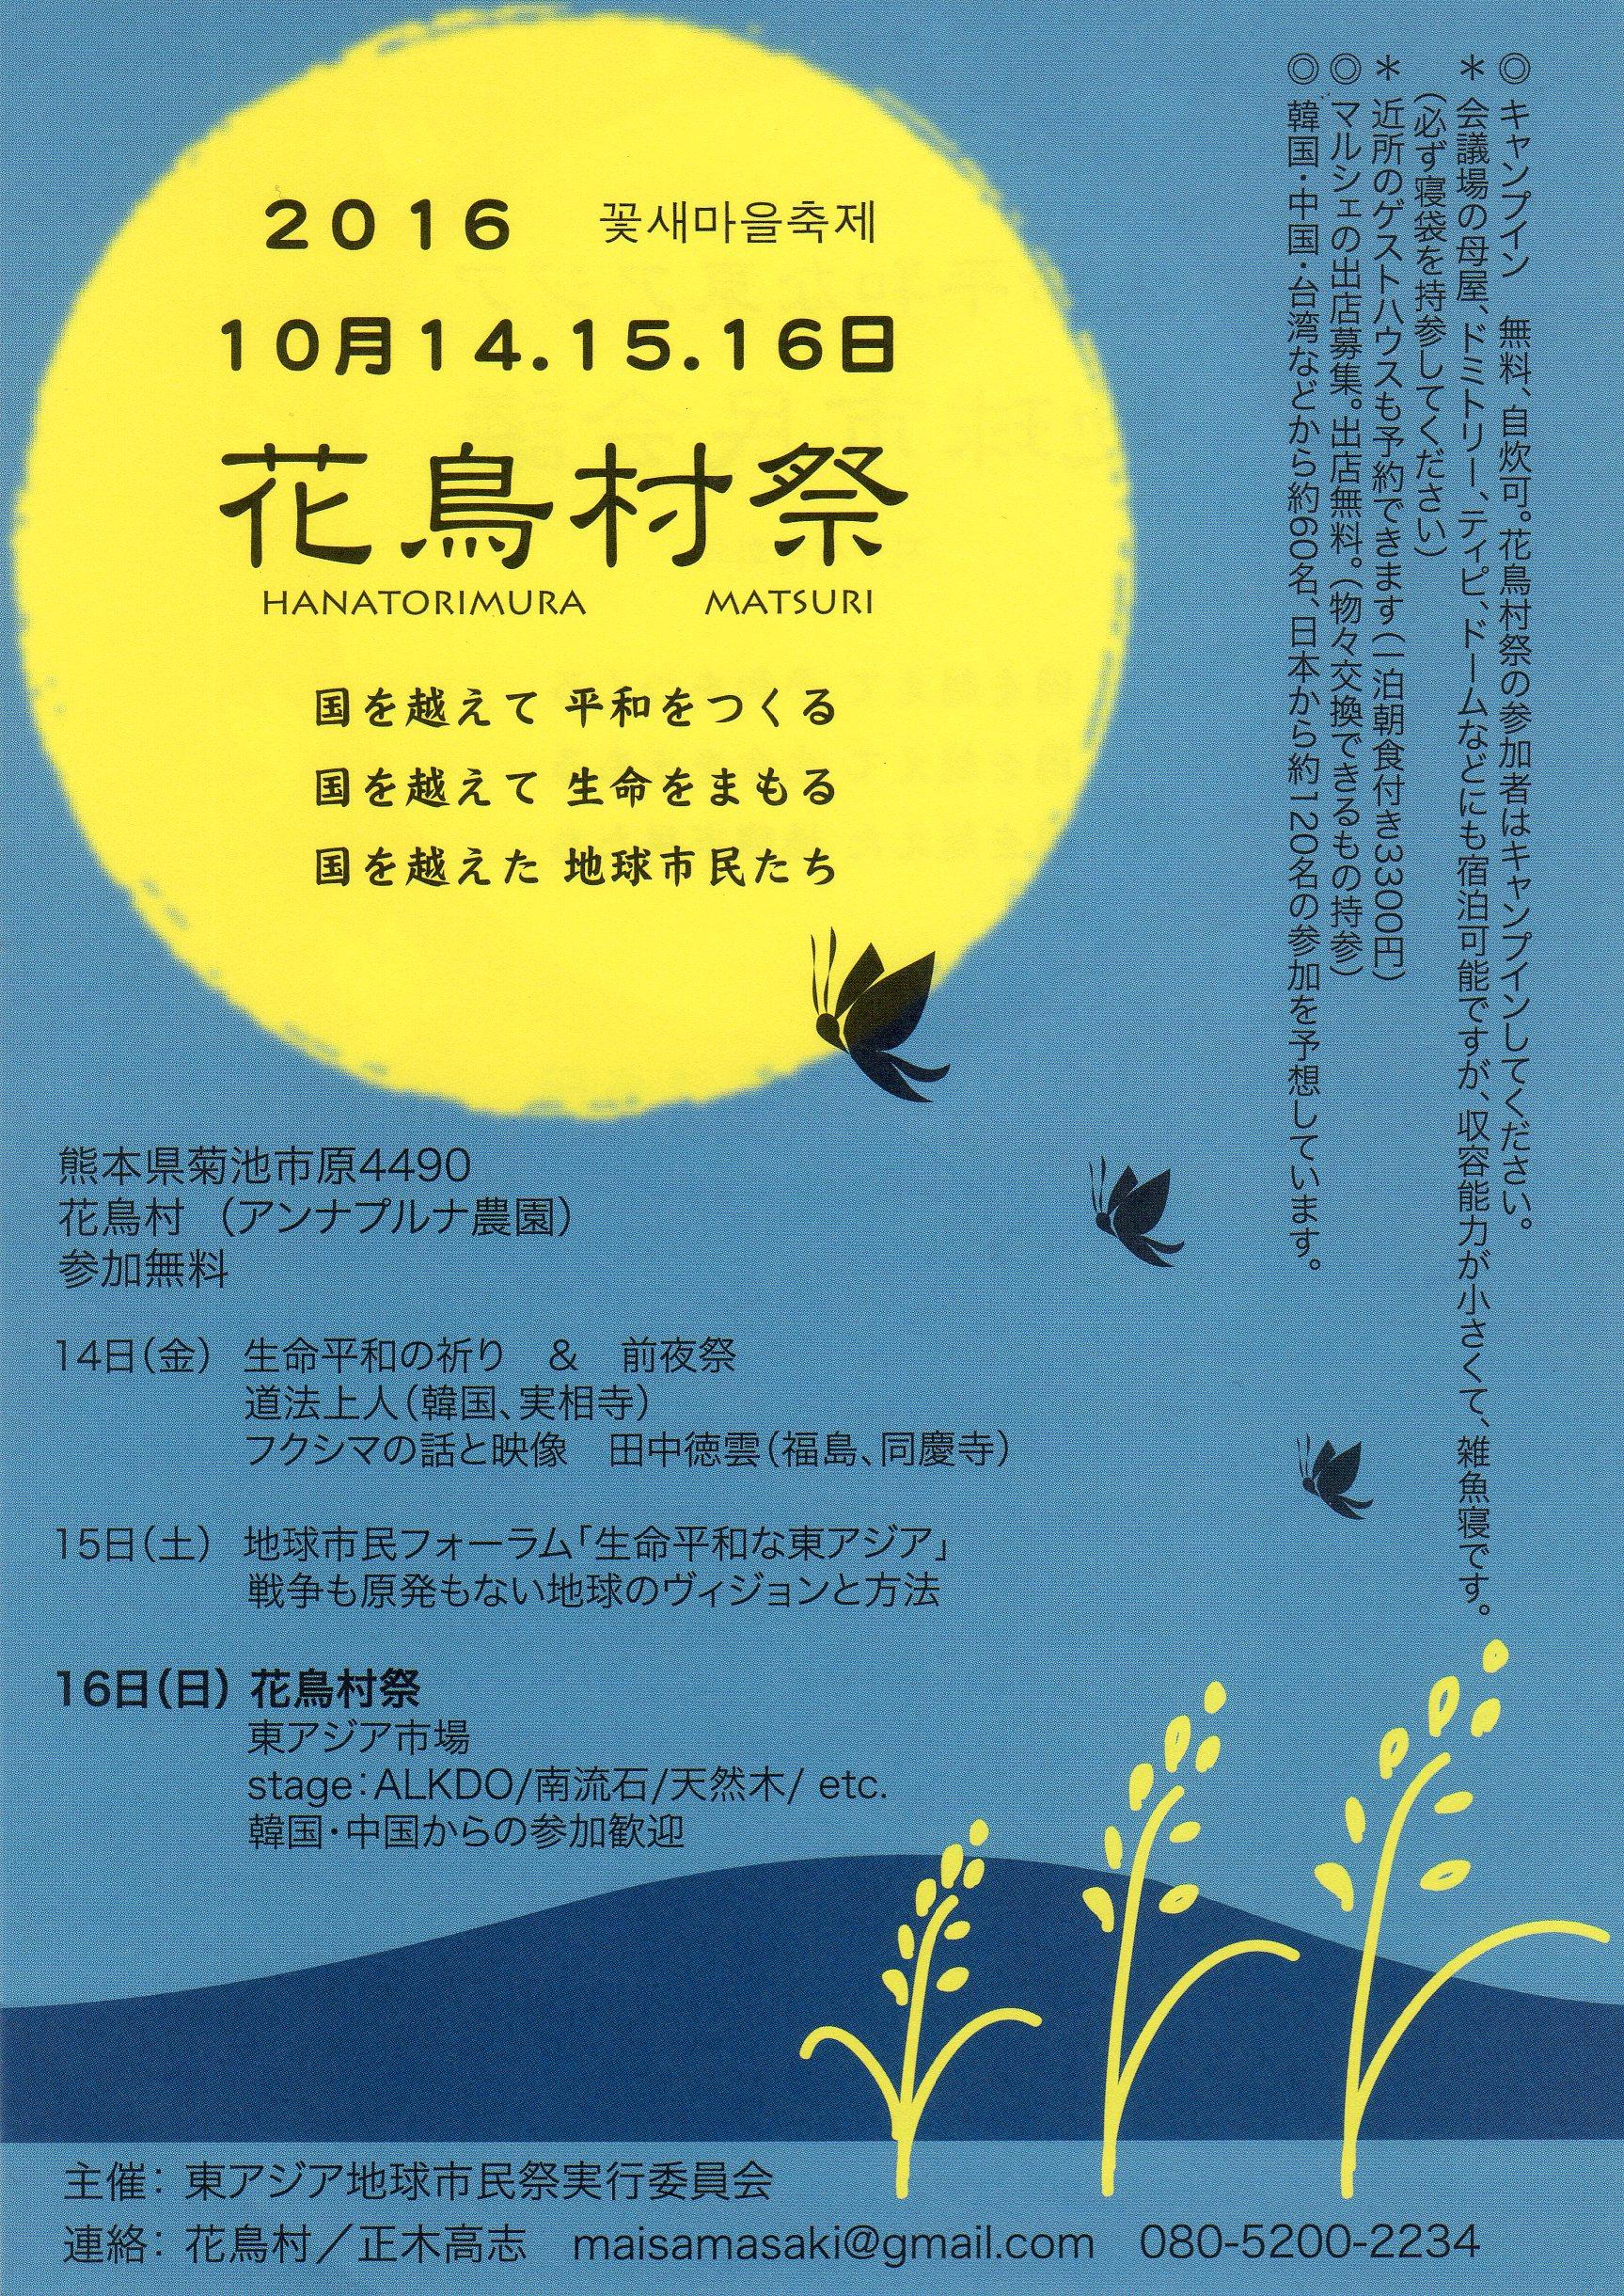 生命平和な東アジア地球市民会議 & 花鳥村祭 ―A3BC版画ワークショップ